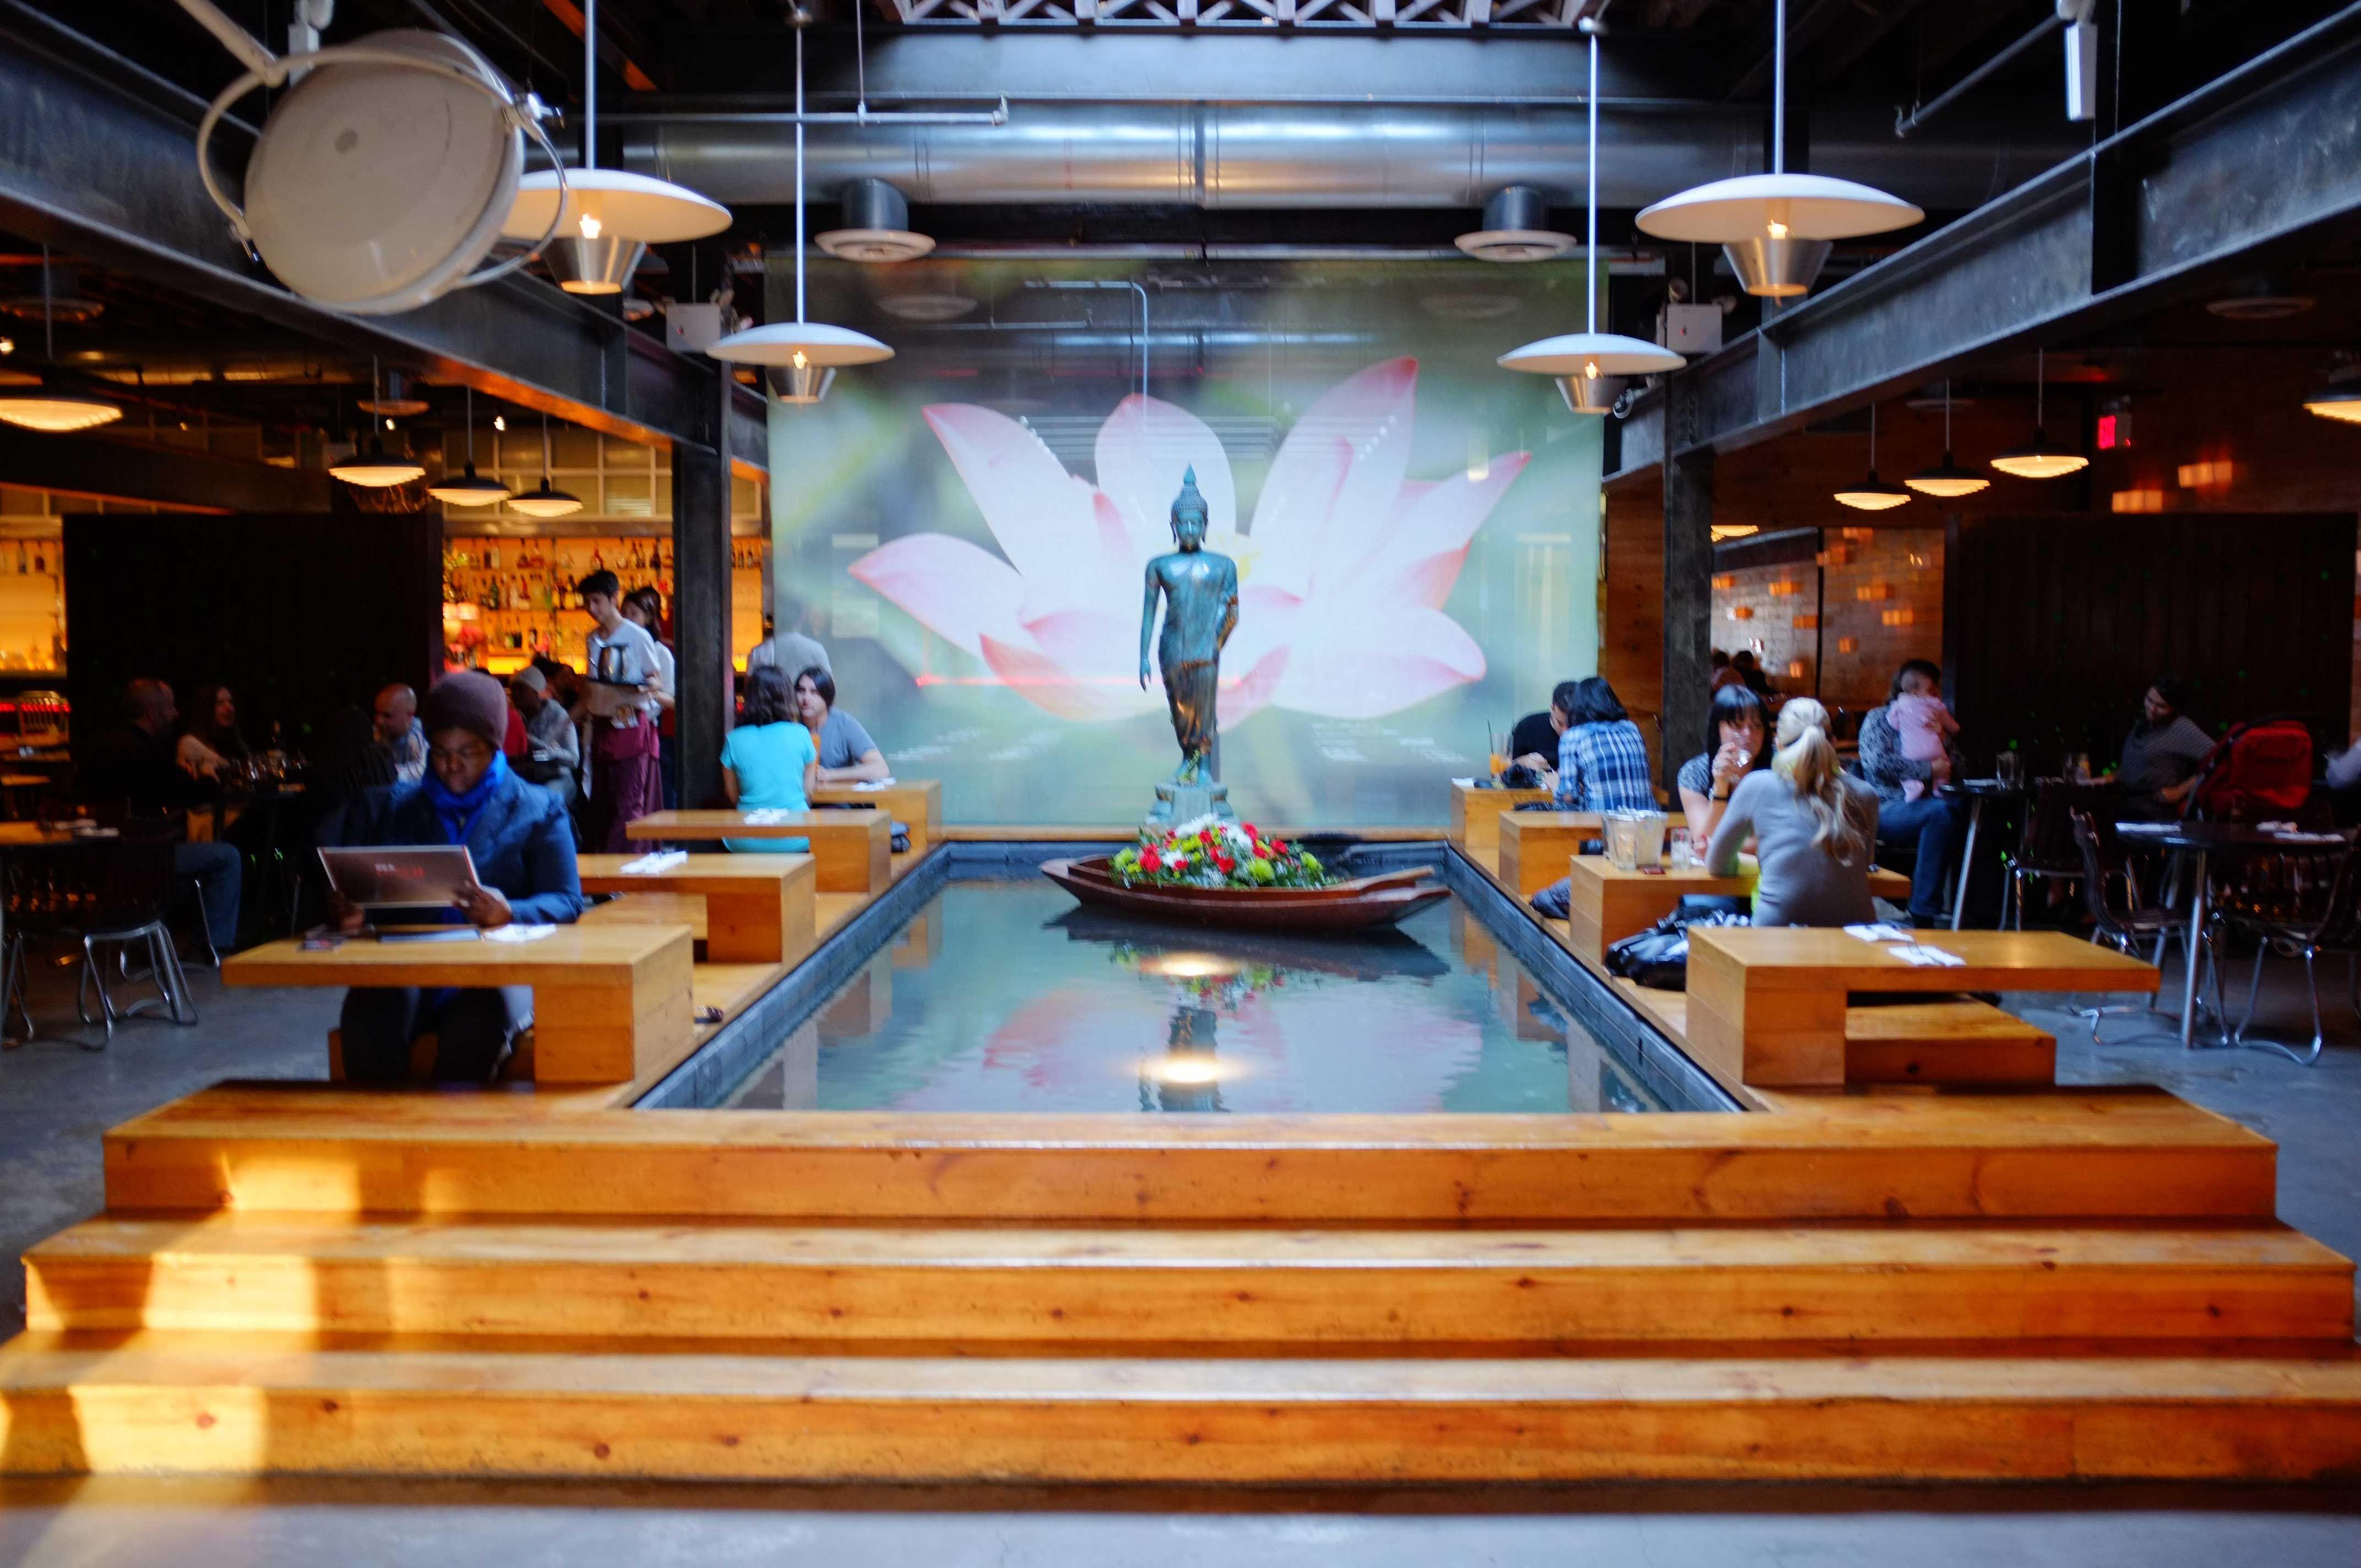 Sea thai restaurant in Williamsburg (NYC) | Restaurants | Pinterest ...